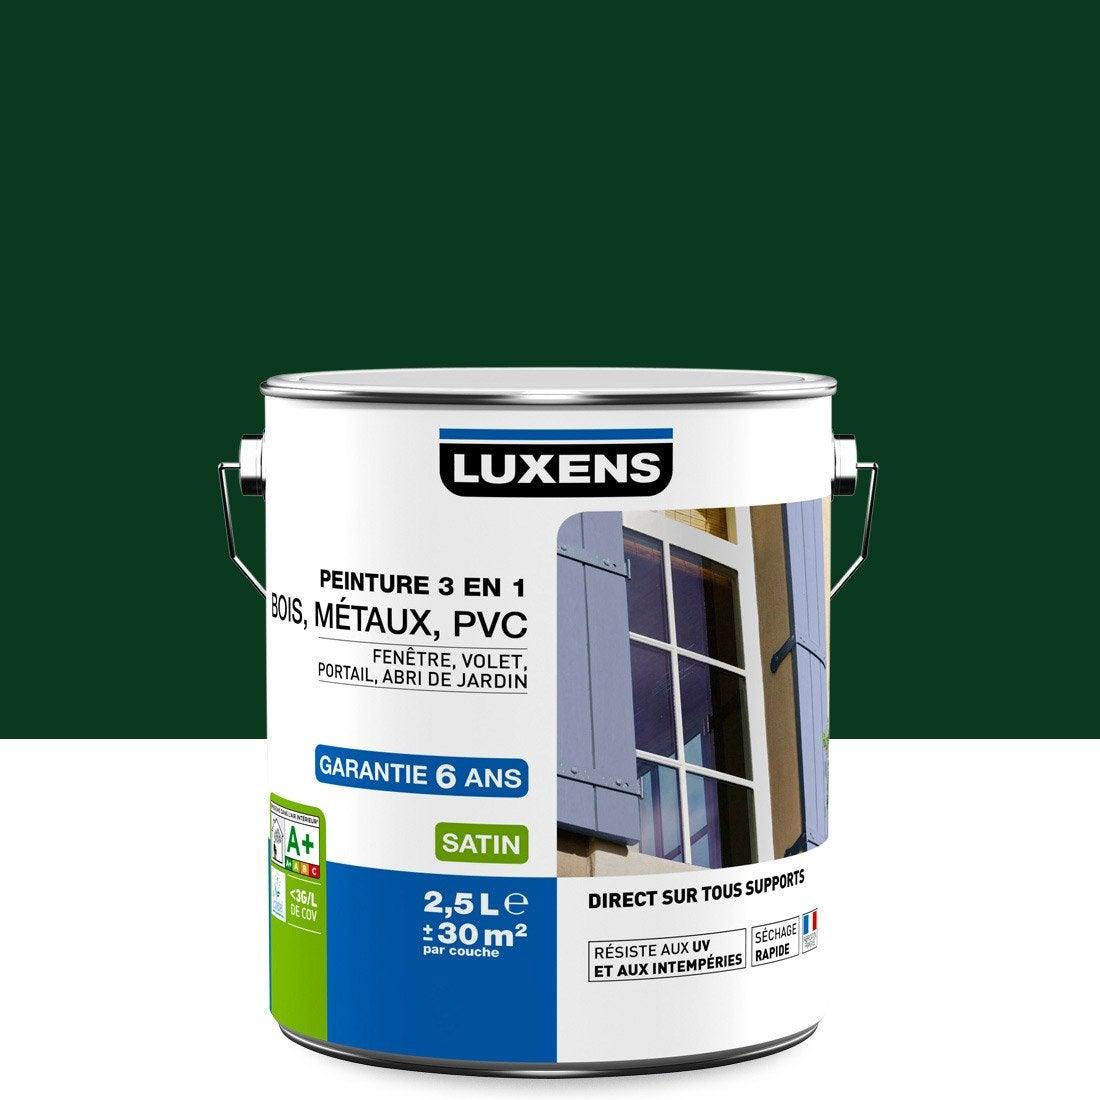 Peinture Multimatériau Extérieur 3 En 1 LUXENS, Vert Sapin, 2.5 L